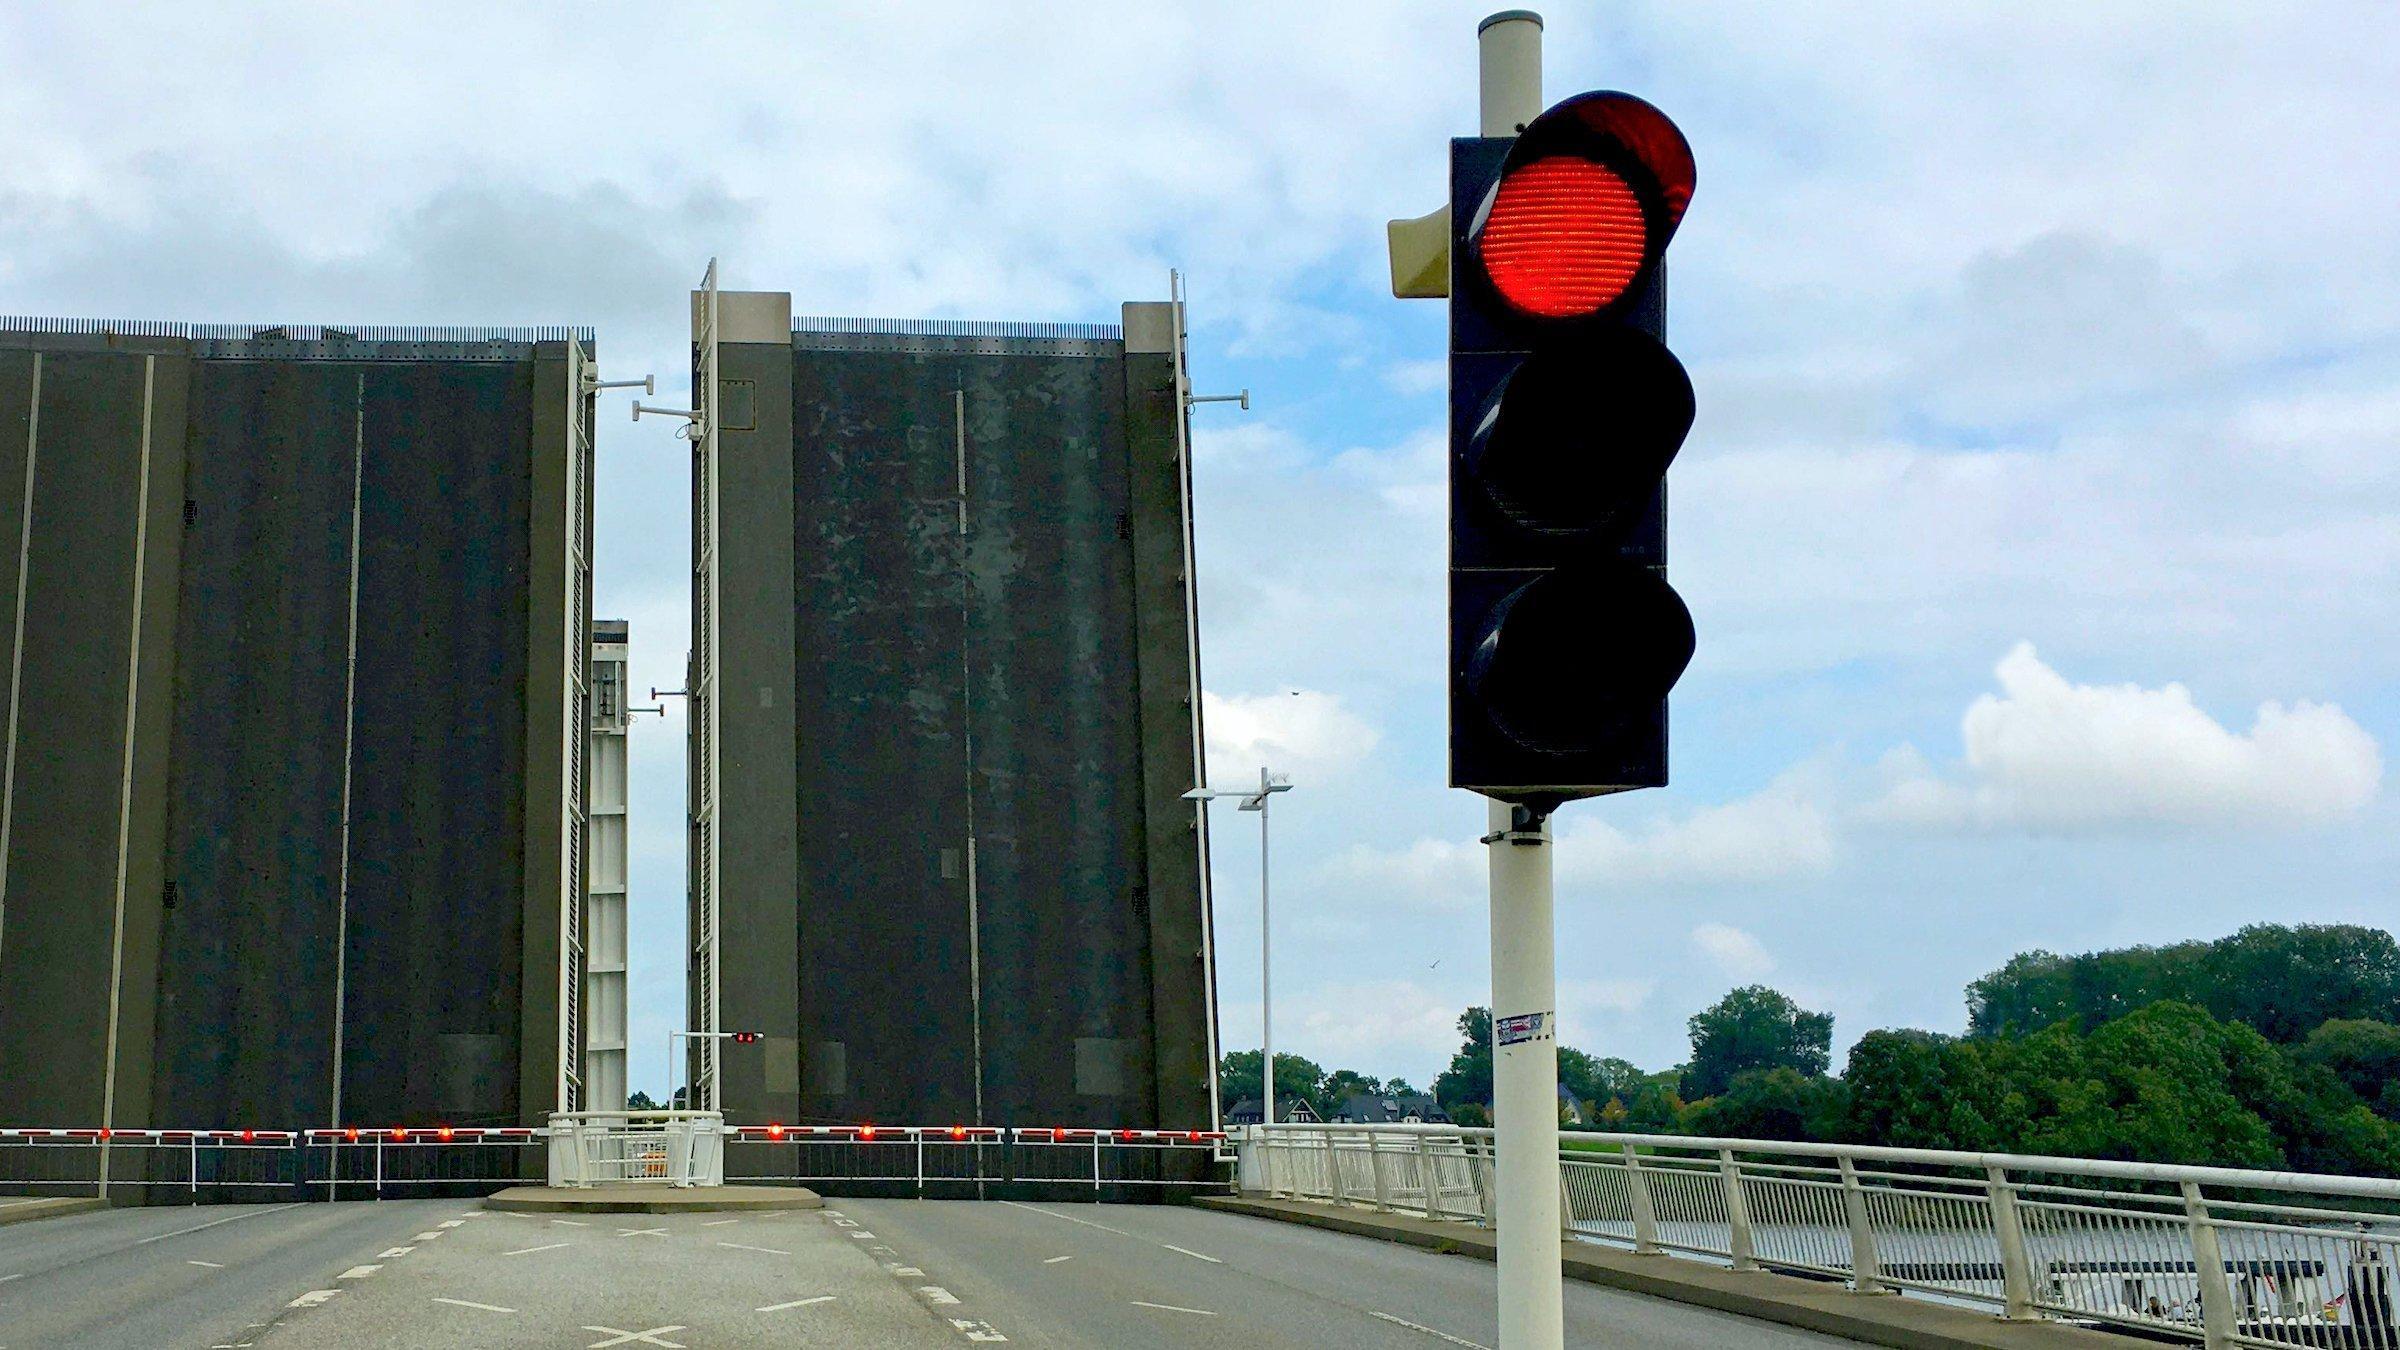 Eine Klappbrücke, hier in Kapseln an der Schlei, ist hochgeklappt, davor sperrt eine rote Ampel die Straße für den Verkehr.